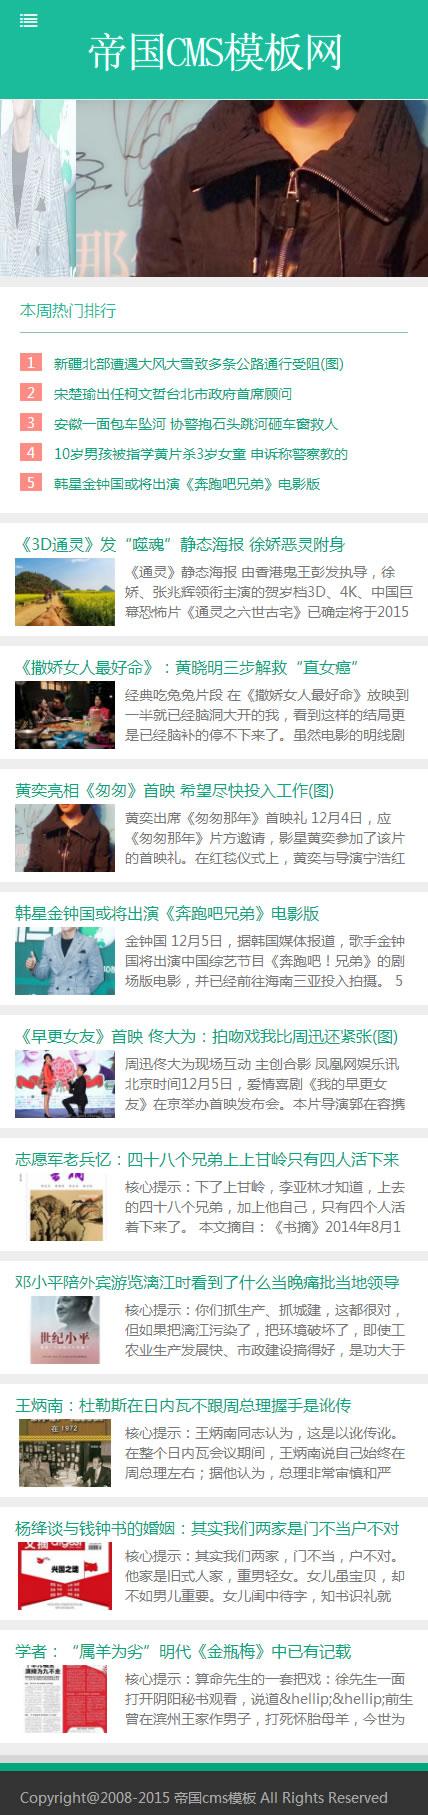 绿色帝国cms自适应手机版新闻博客文章类模板_手机版首页模板